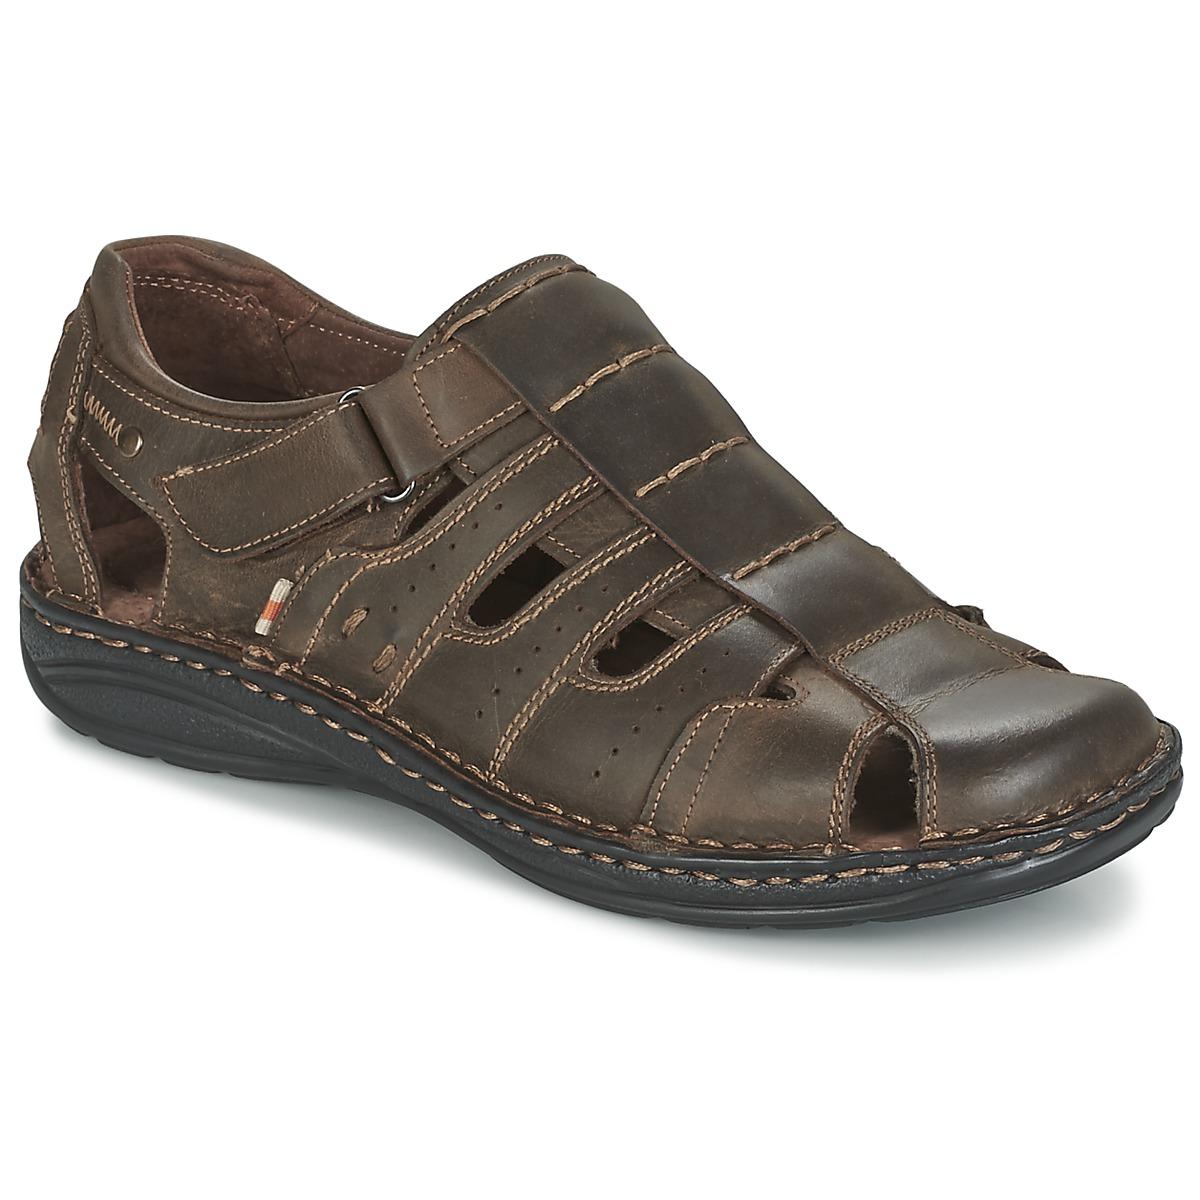 Casual Attitude ZIRONDEL Marron - Livraison Gratuite avec - Chaussures Sandale Homme